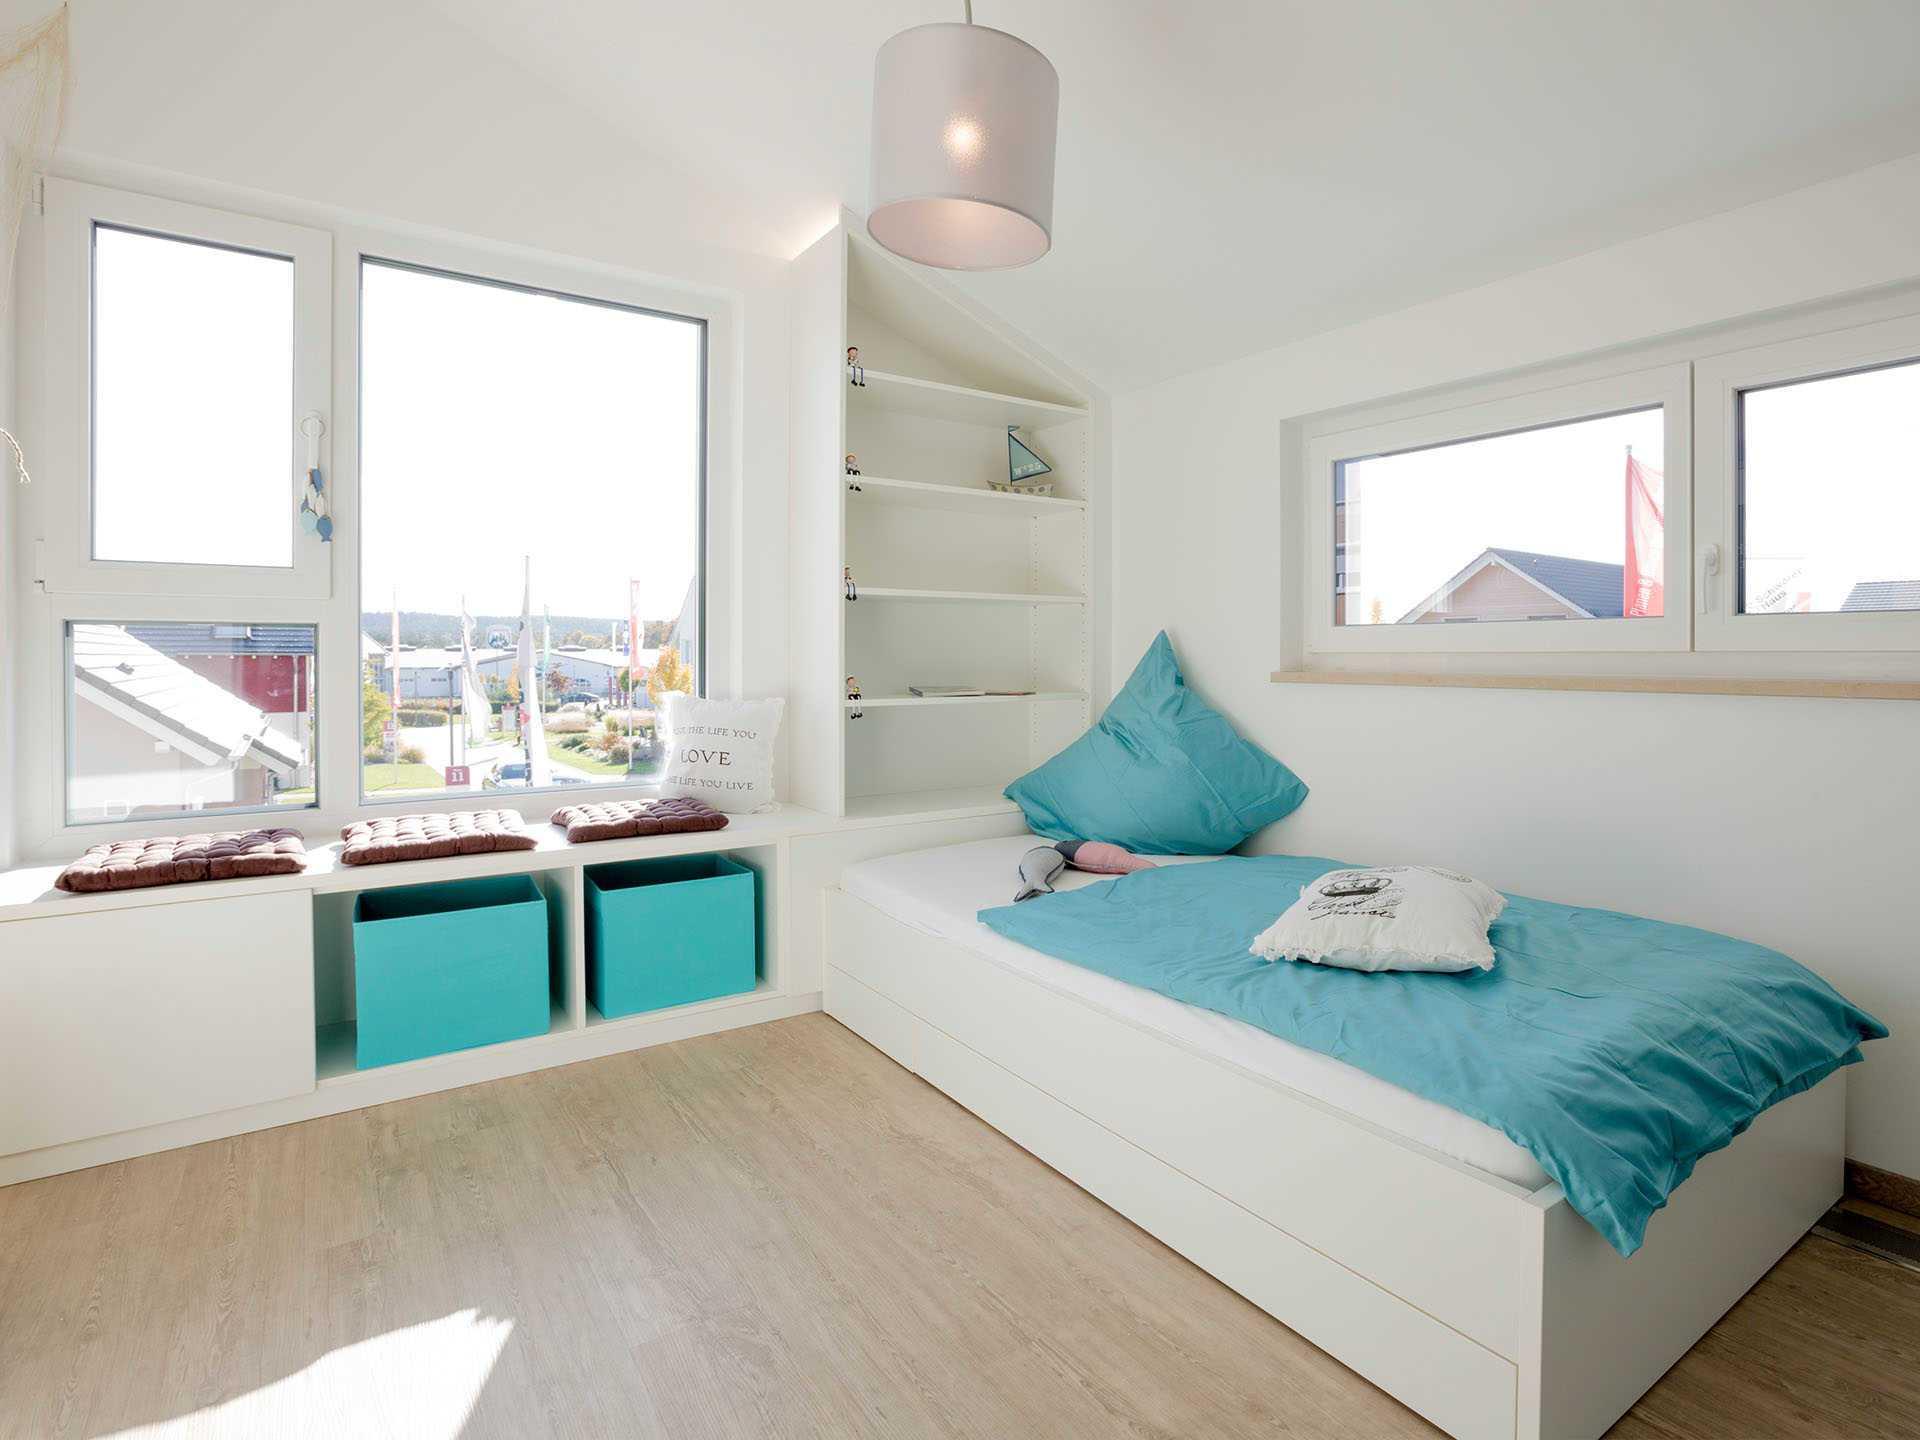 musterhaus la rocca fischerhaus. Black Bedroom Furniture Sets. Home Design Ideas